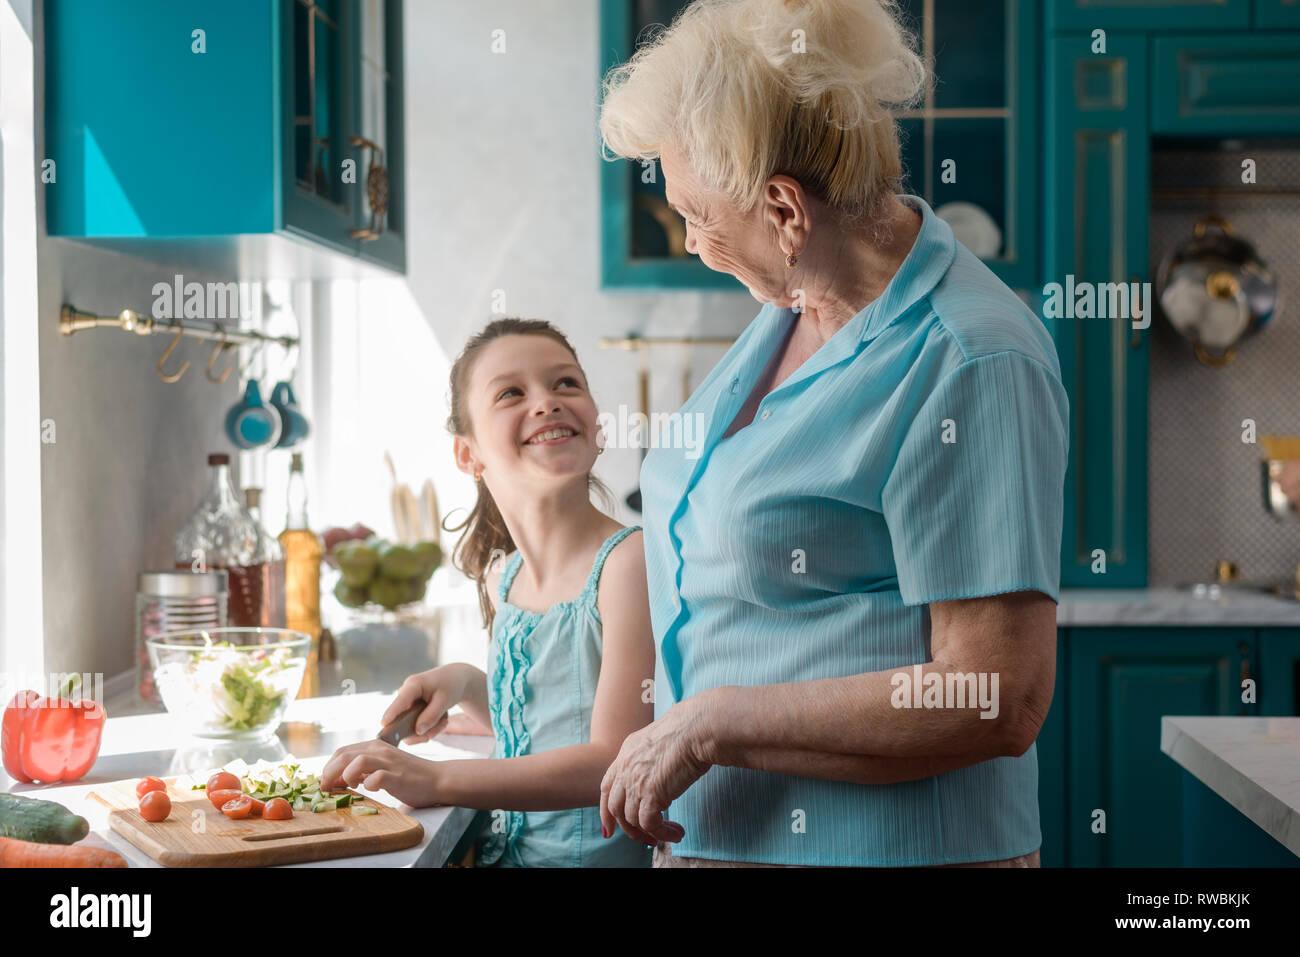 La abuela y su pequeño ayudante Imagen De Stock